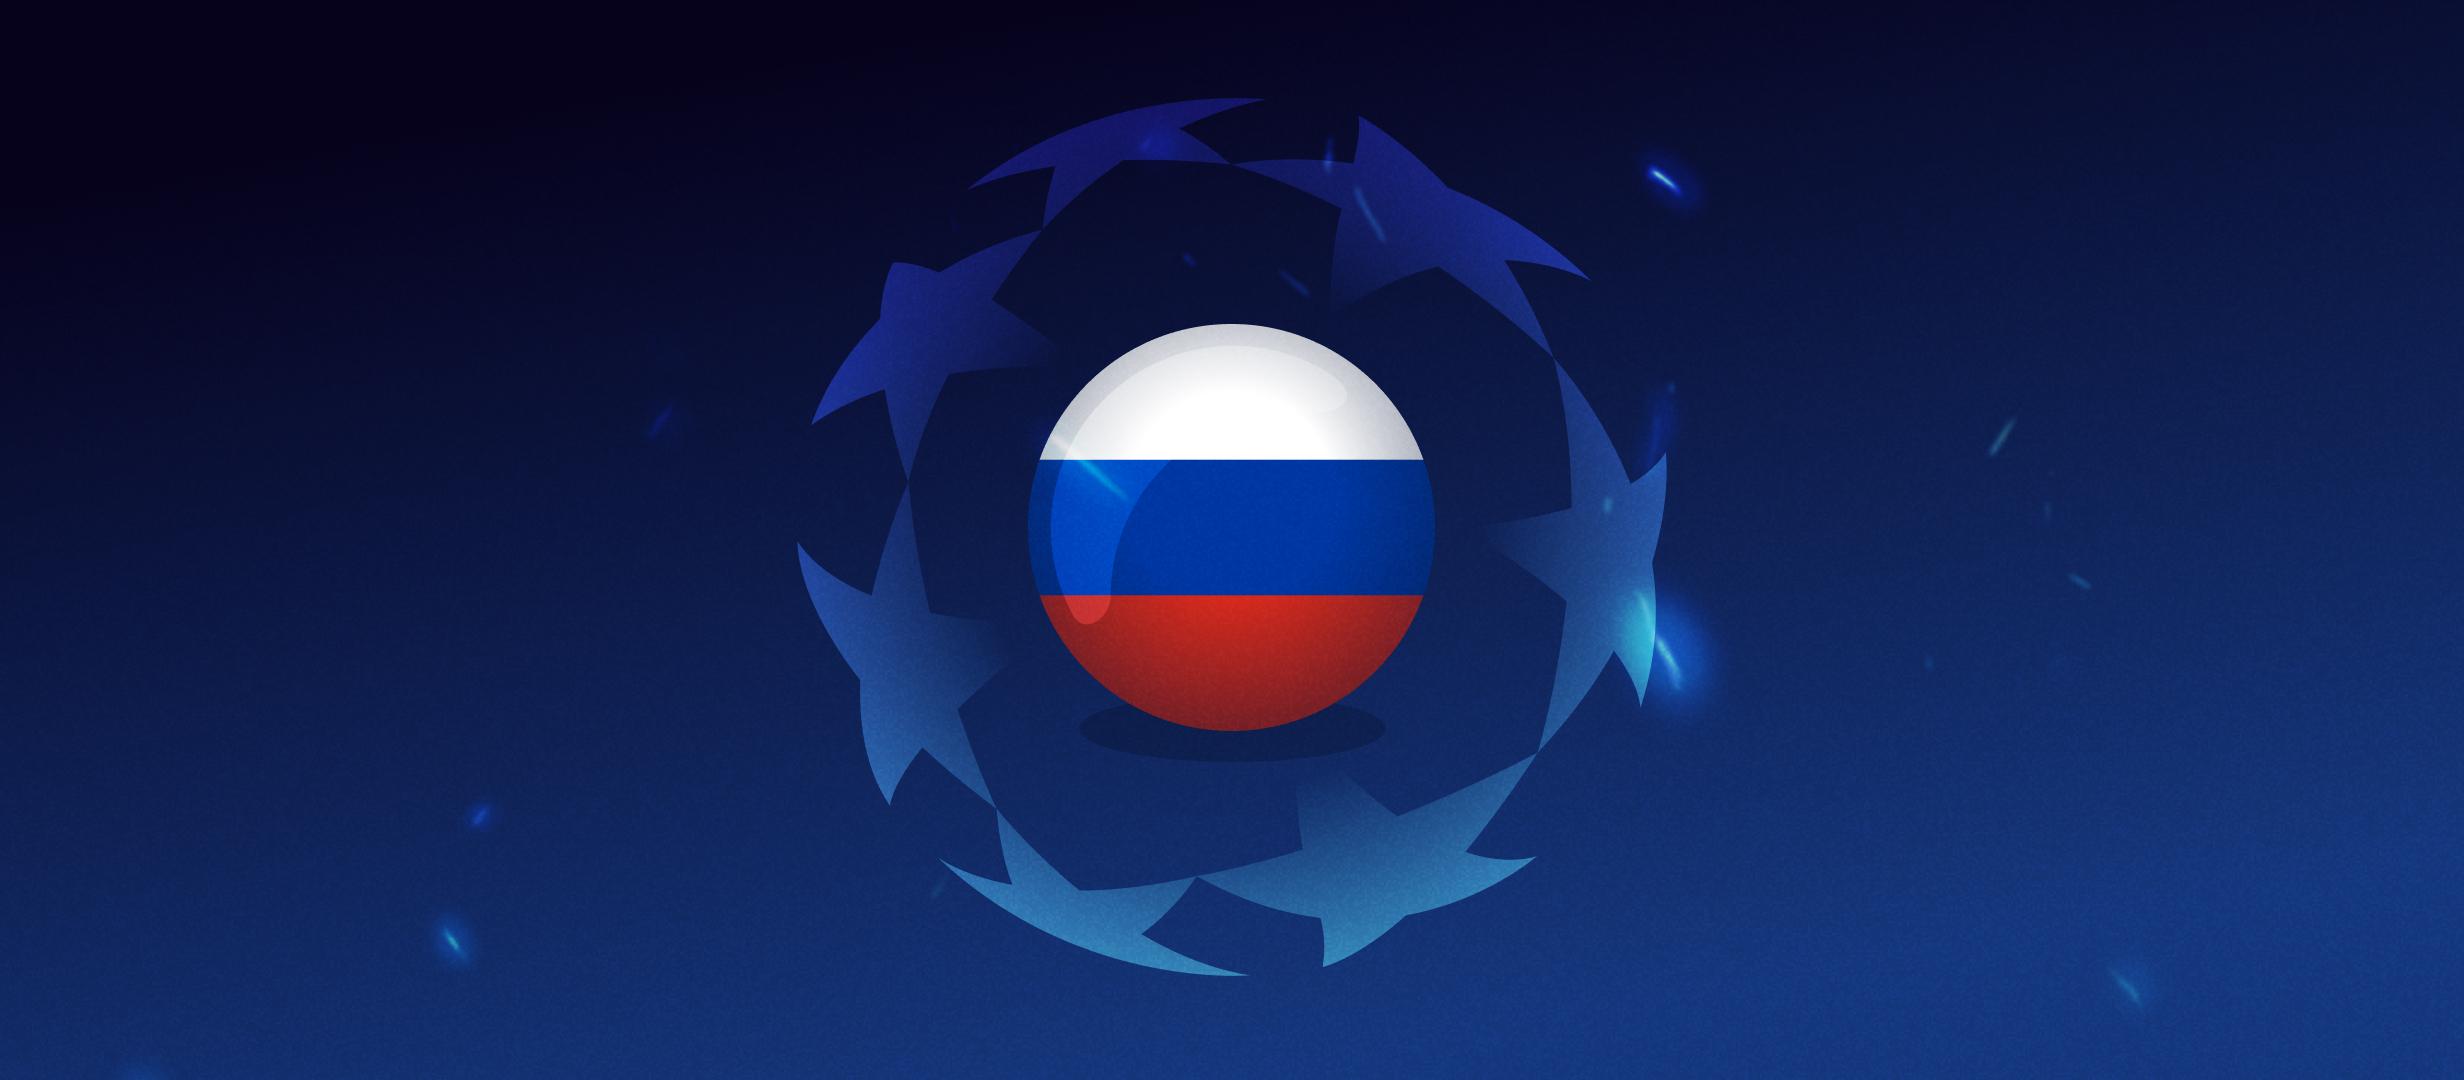 Путь «Спартака» в Лиге чемпионов: «Алания»-1996 или «Краснодар»-2020?